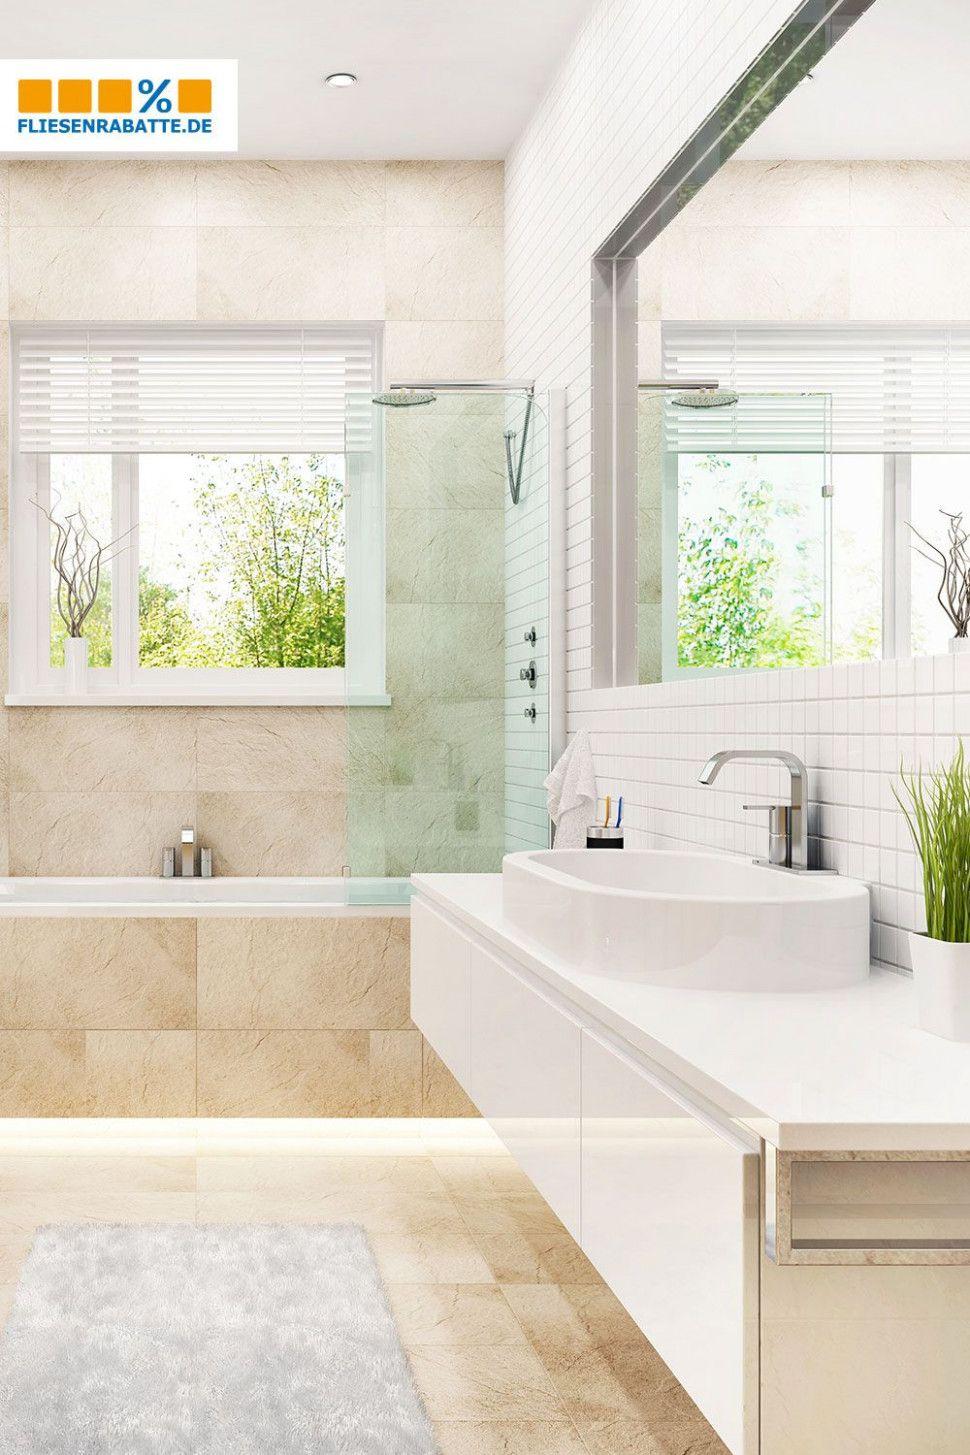 Fliesen Steinoptik Wandverkleidung Badezimmer